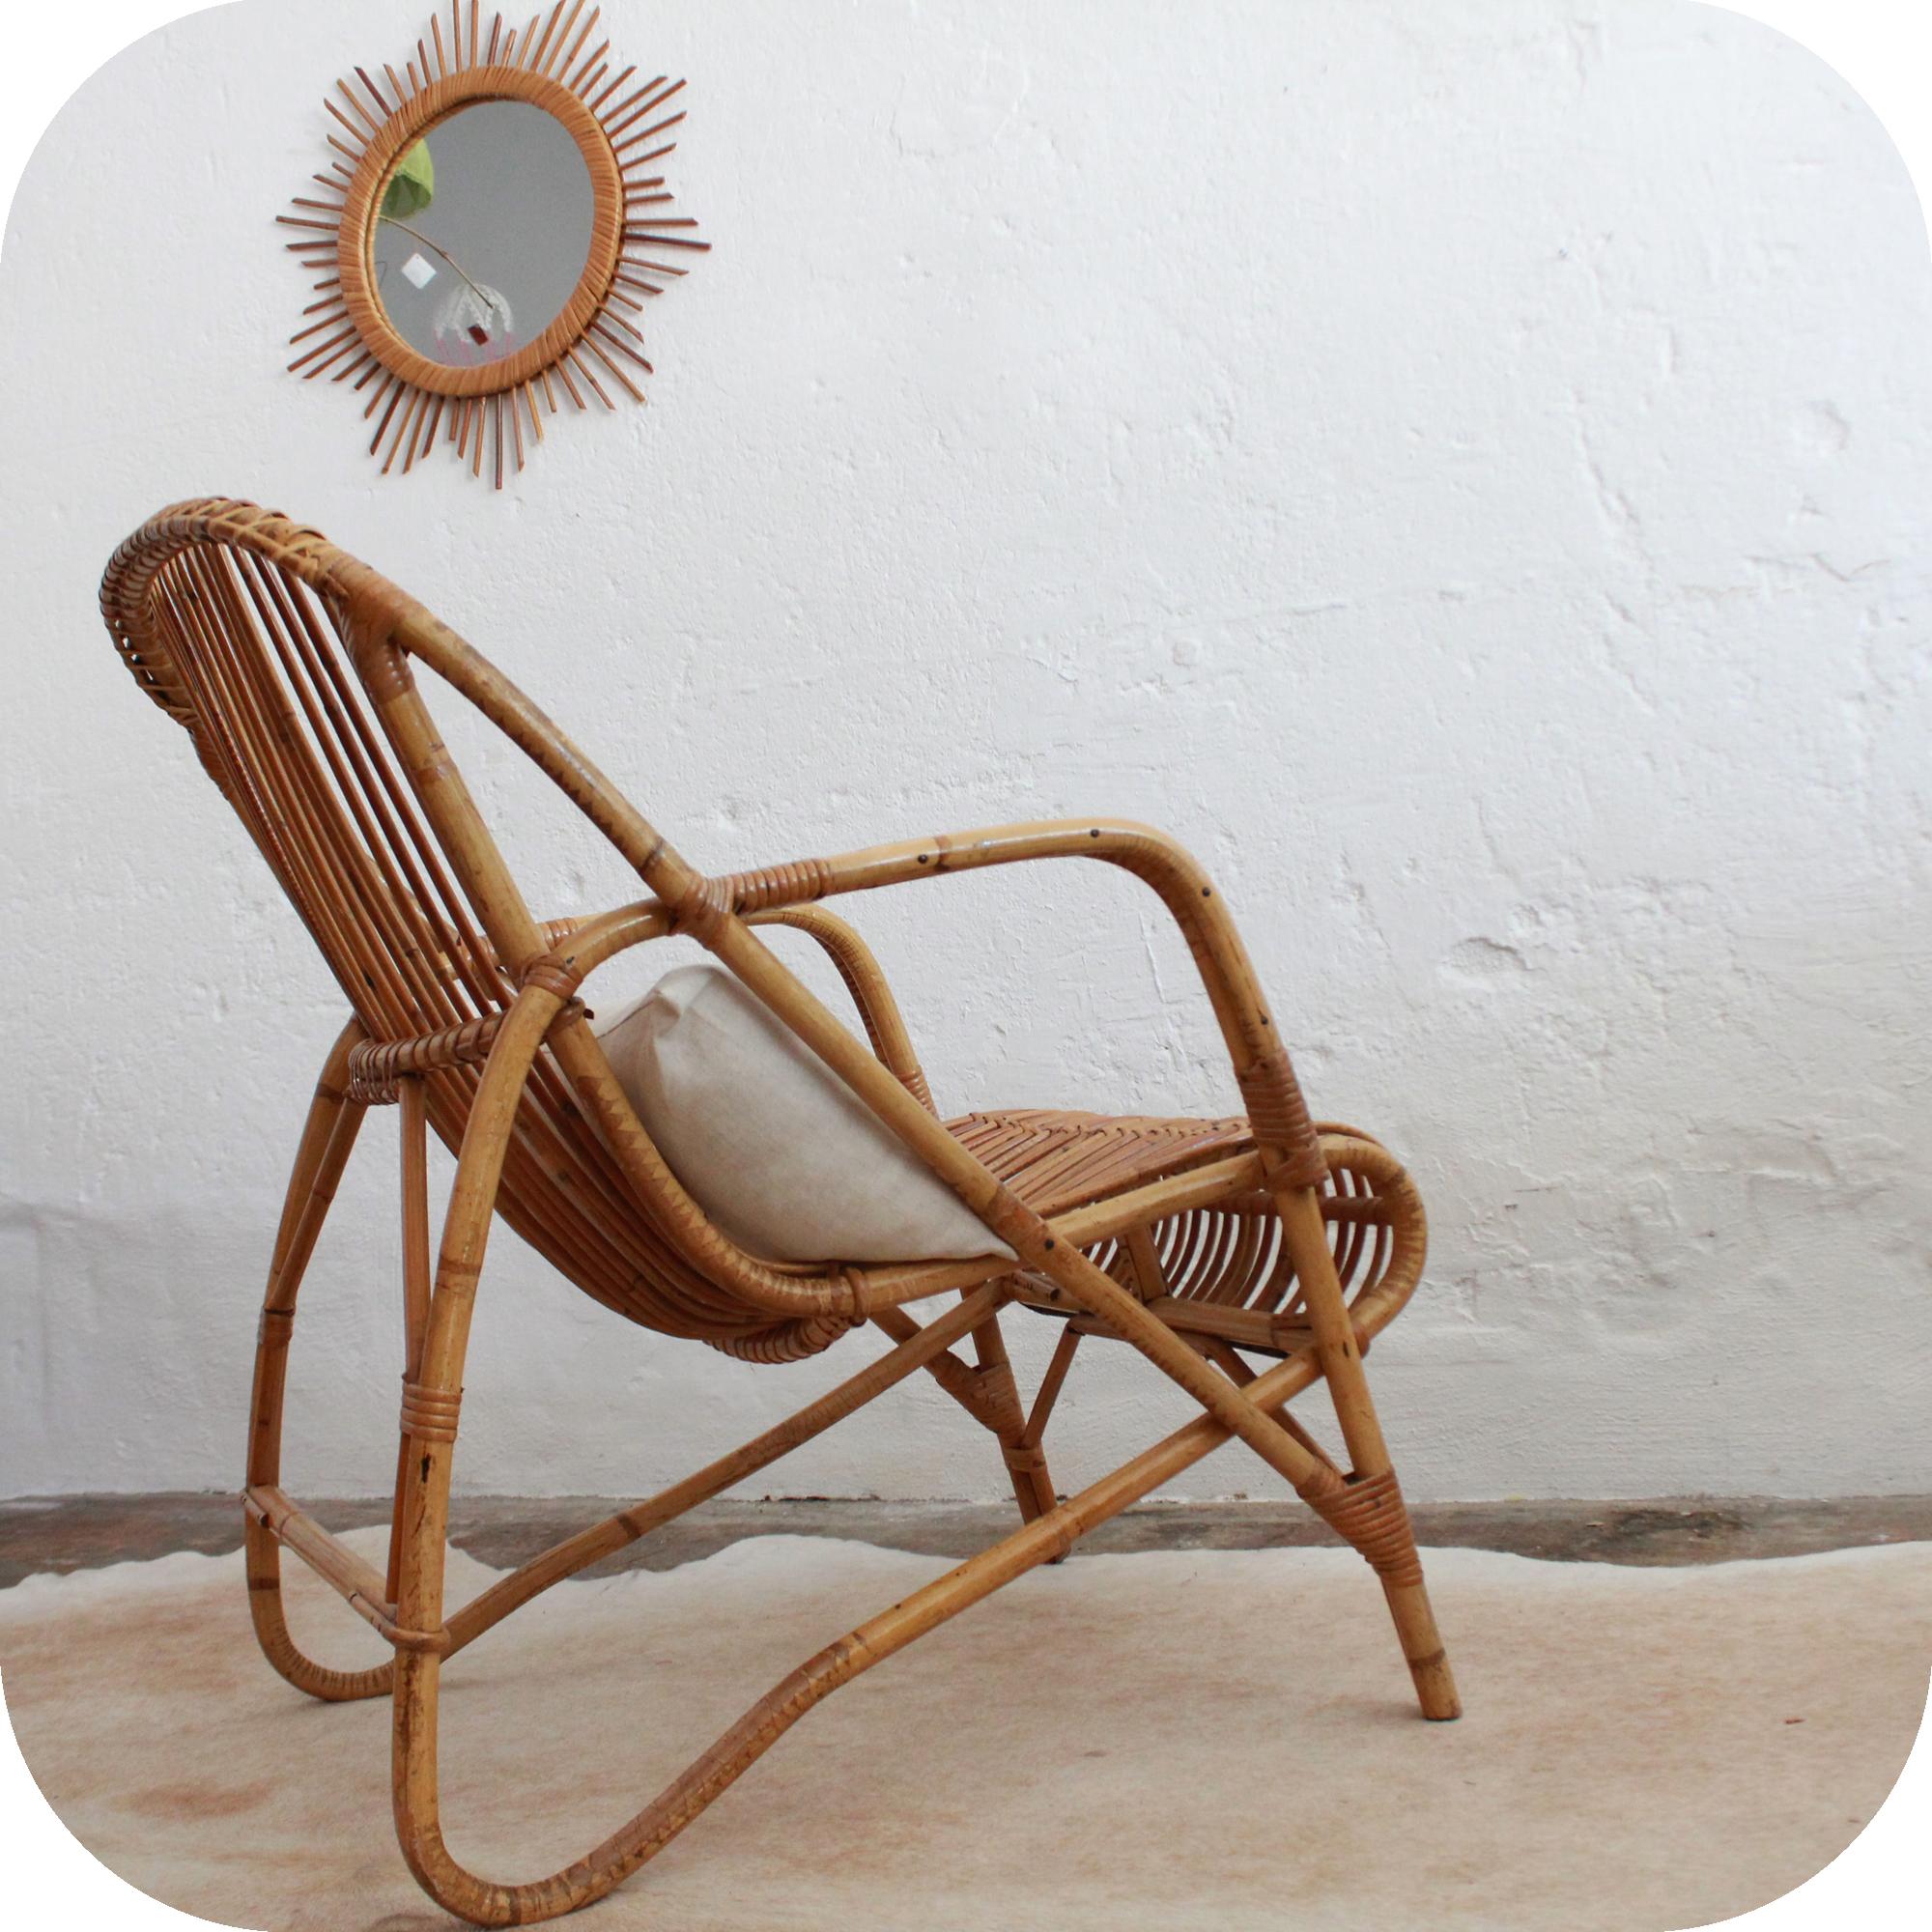 d508_mobilier vintage fauteuil rotin vintage d - Fauteuil Rotin Vintage